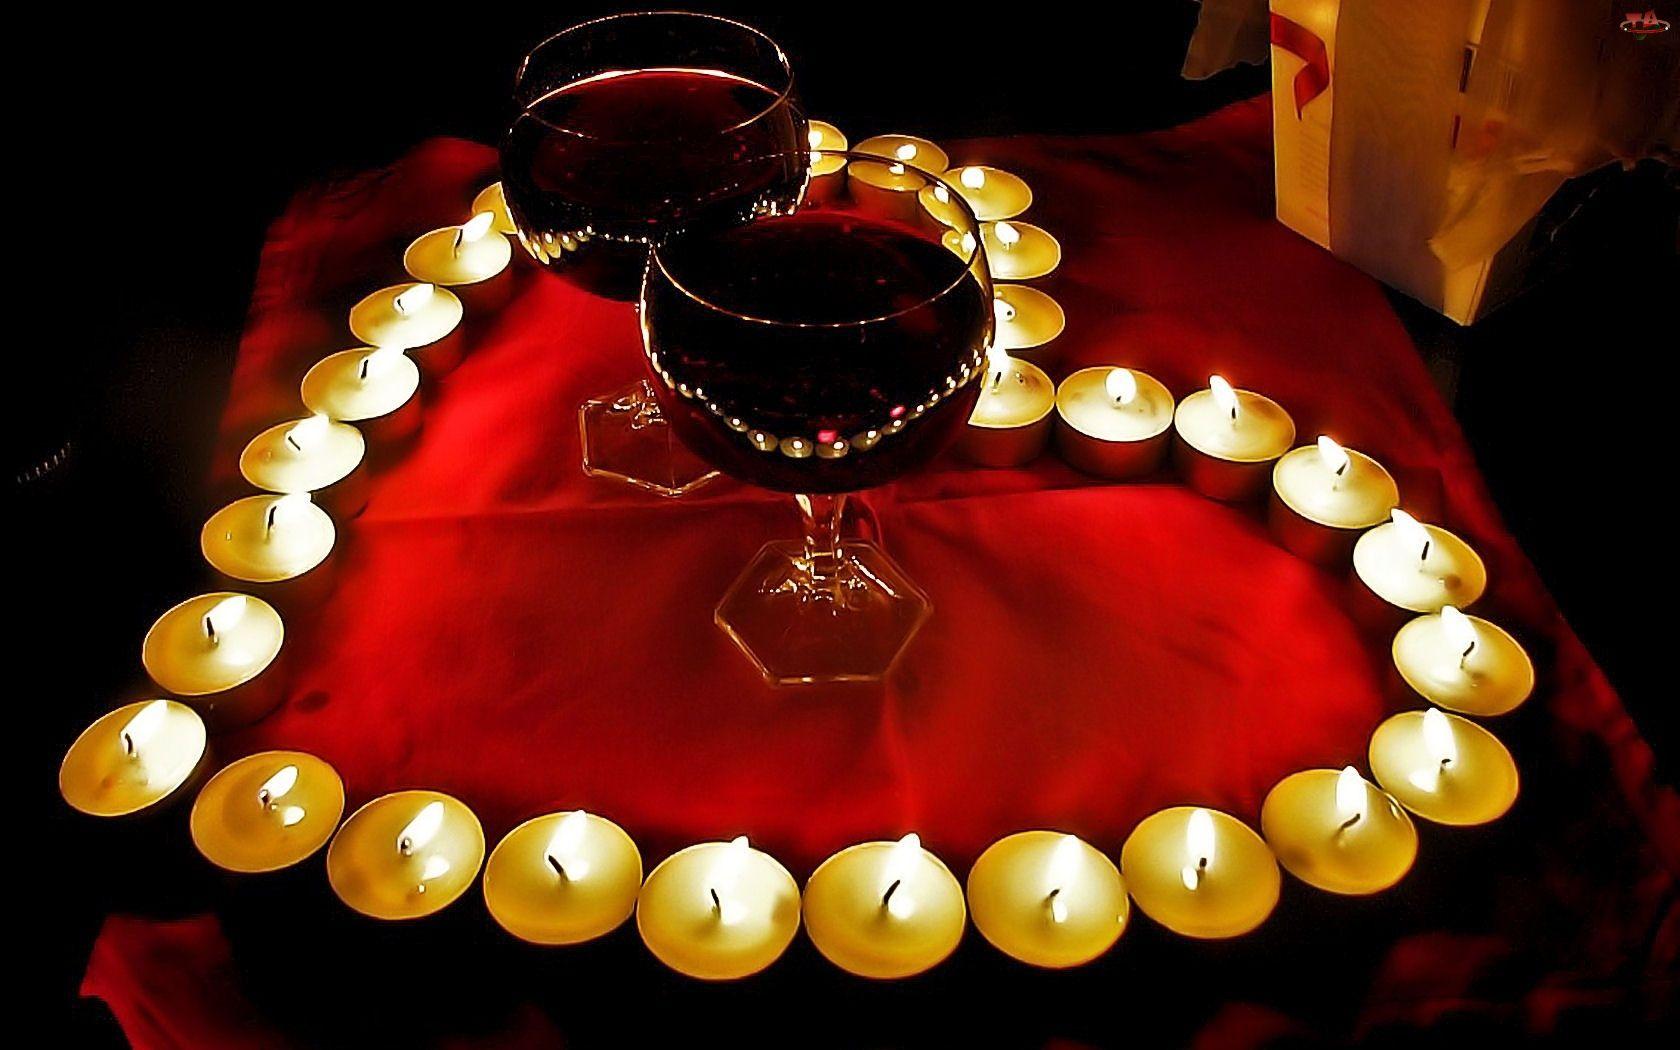 Романтичные свечи сложенные в форме сердца